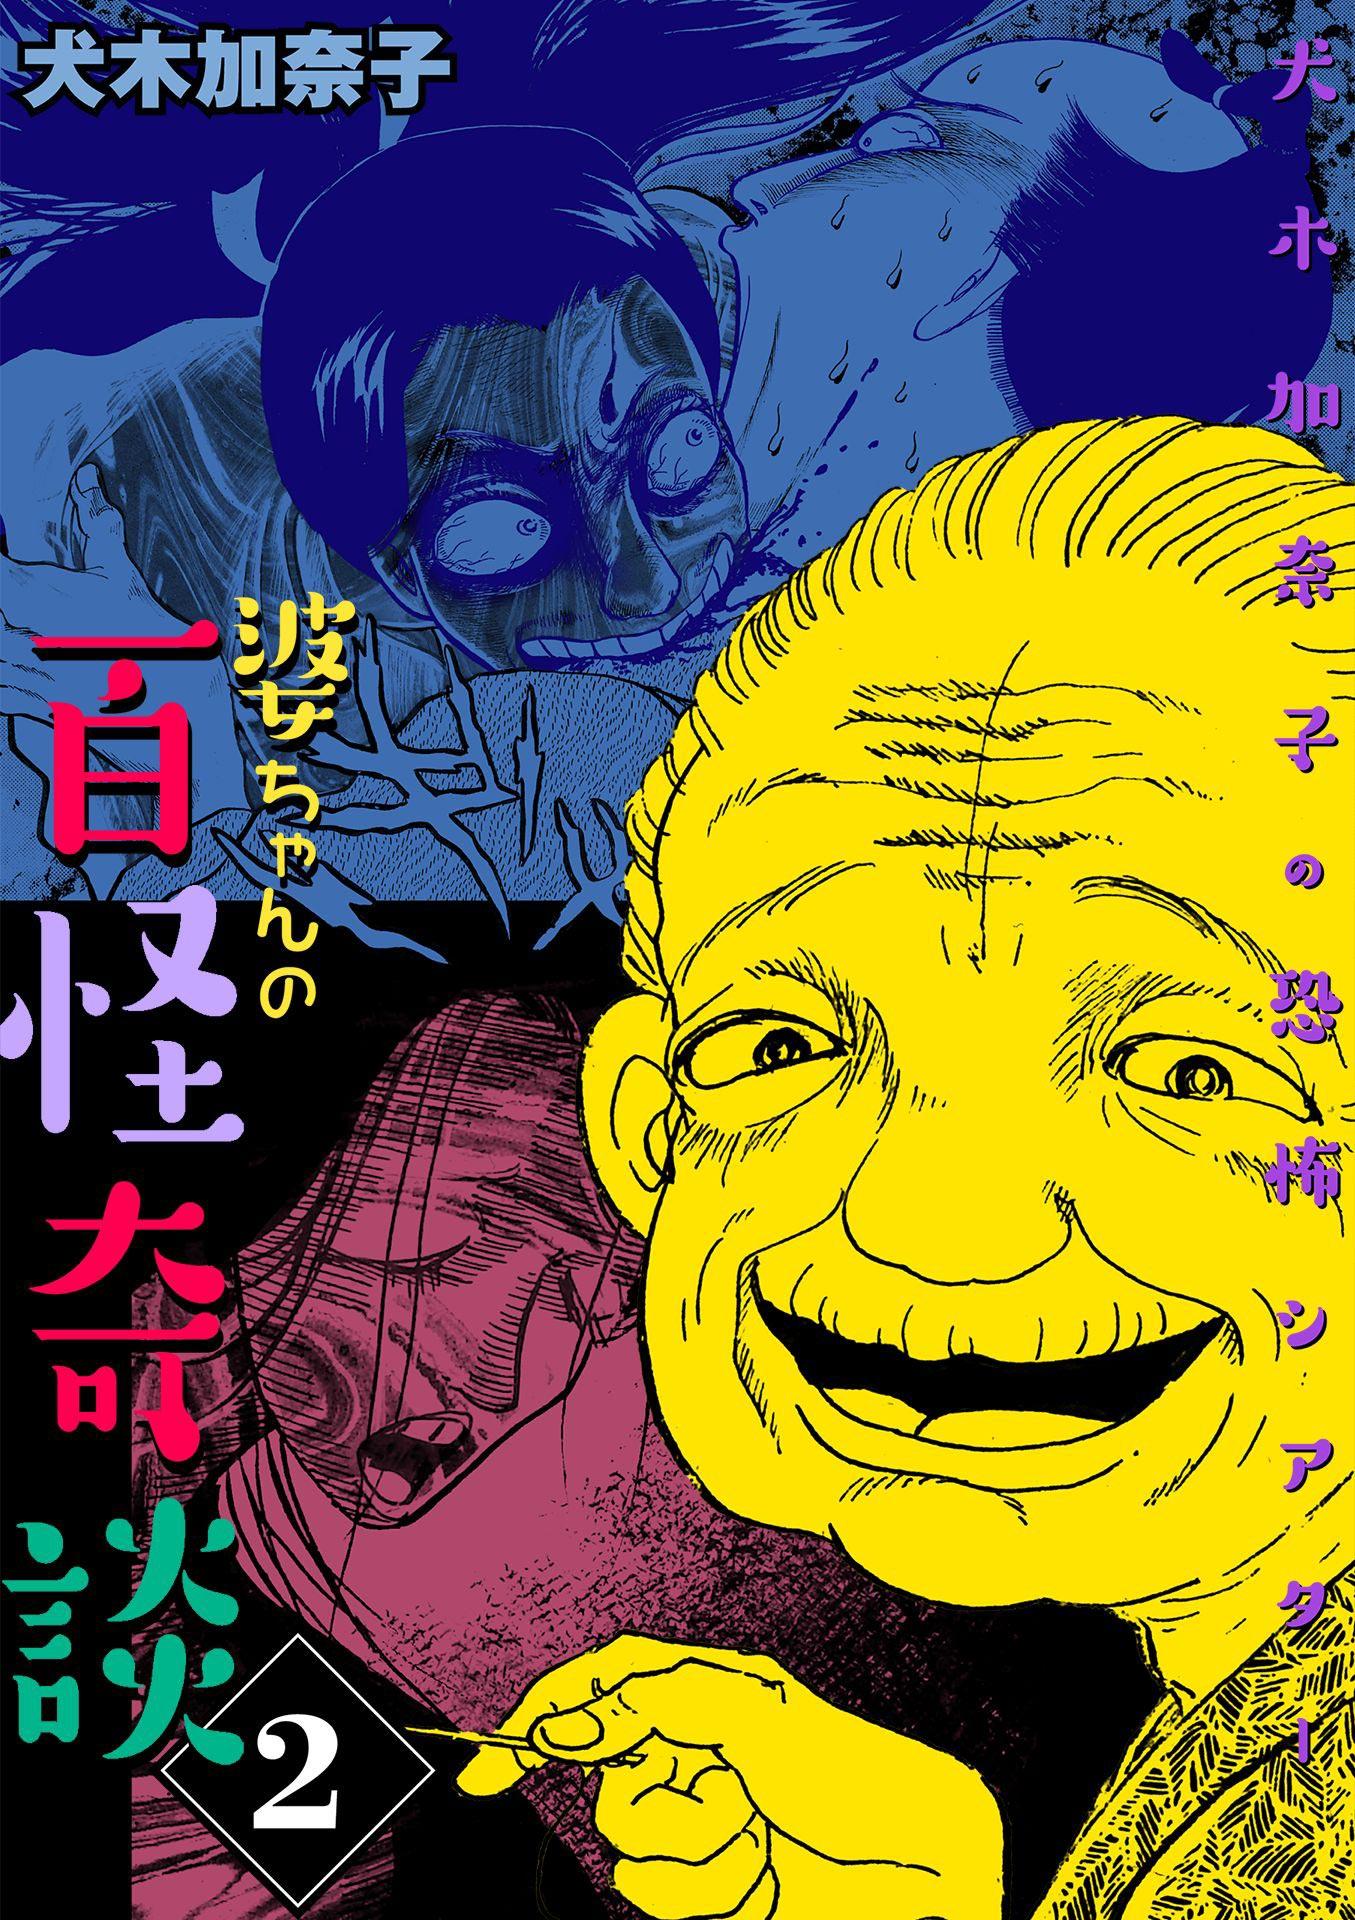 犬木加奈子の恐怖シアター 婆ちゃんの百怪奇談(第2巻)